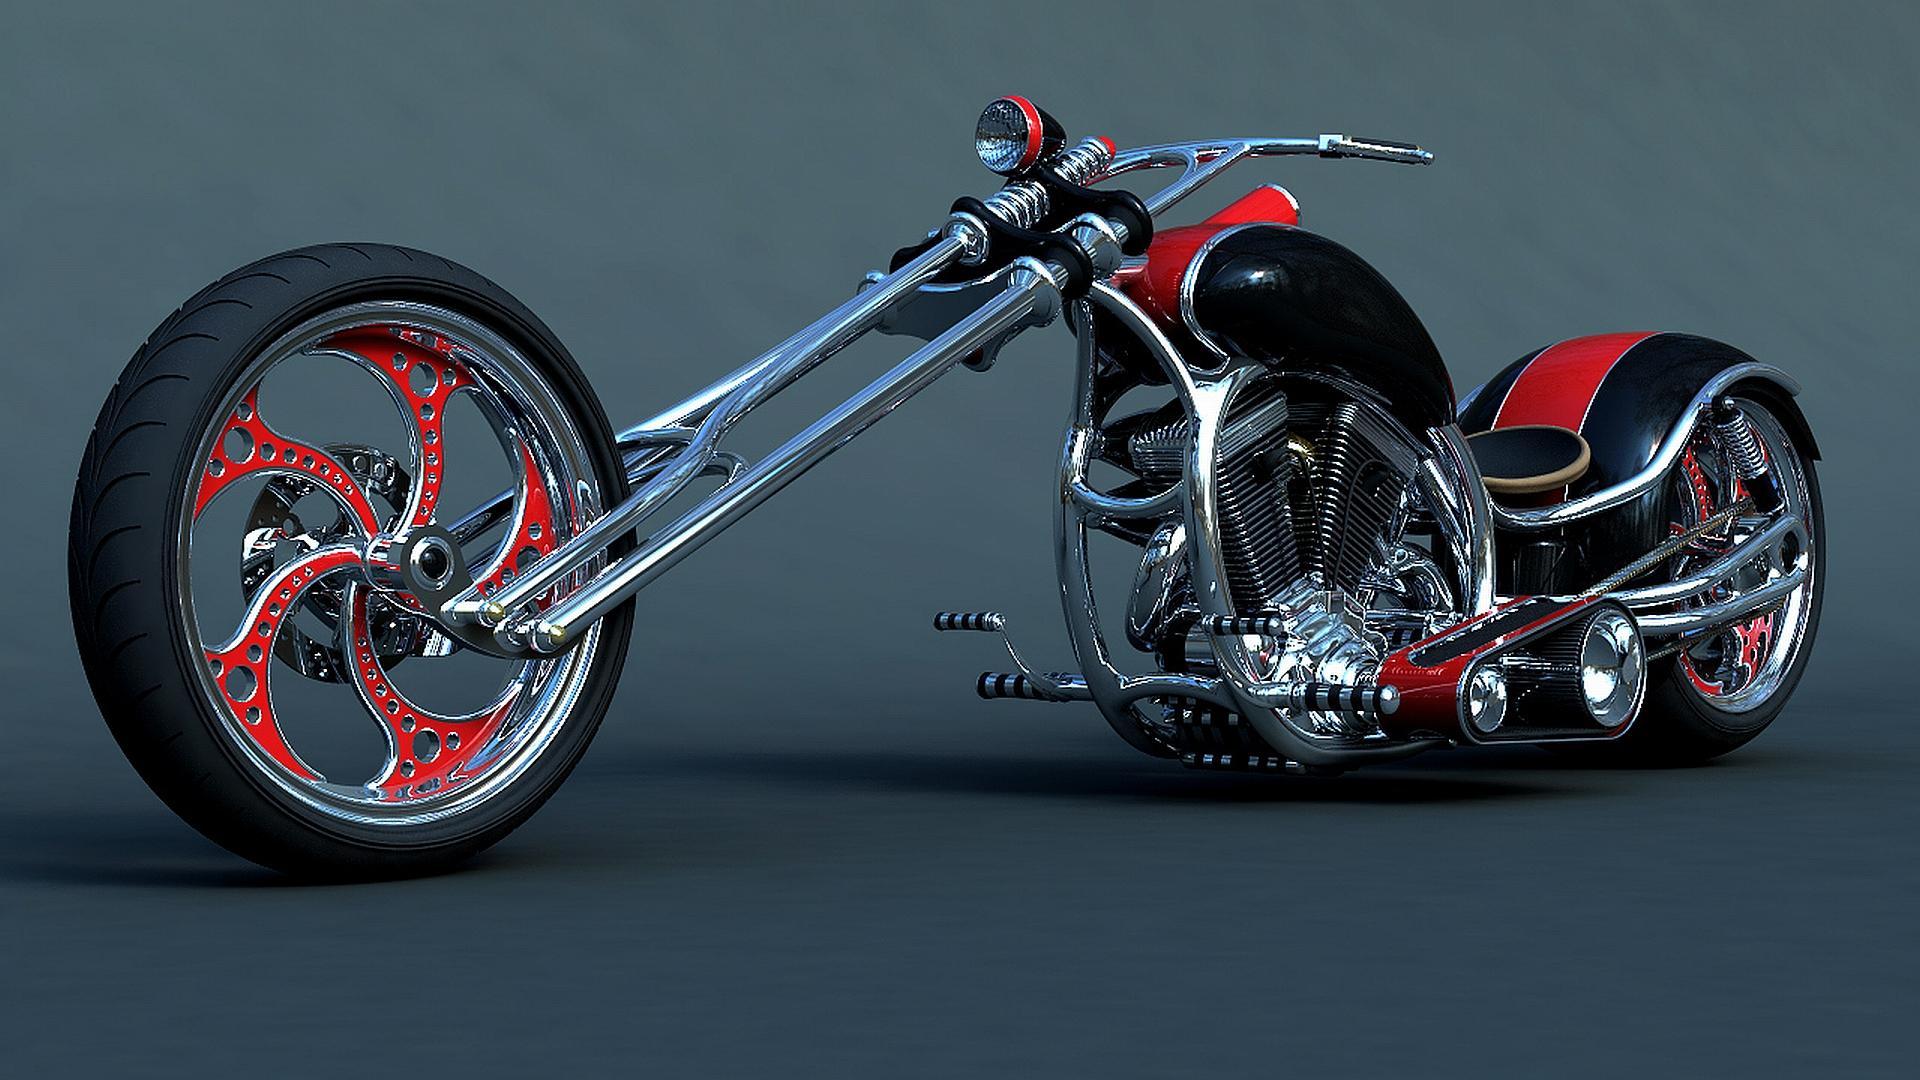 chopper wallpaper moto cran fonds 1920x1080